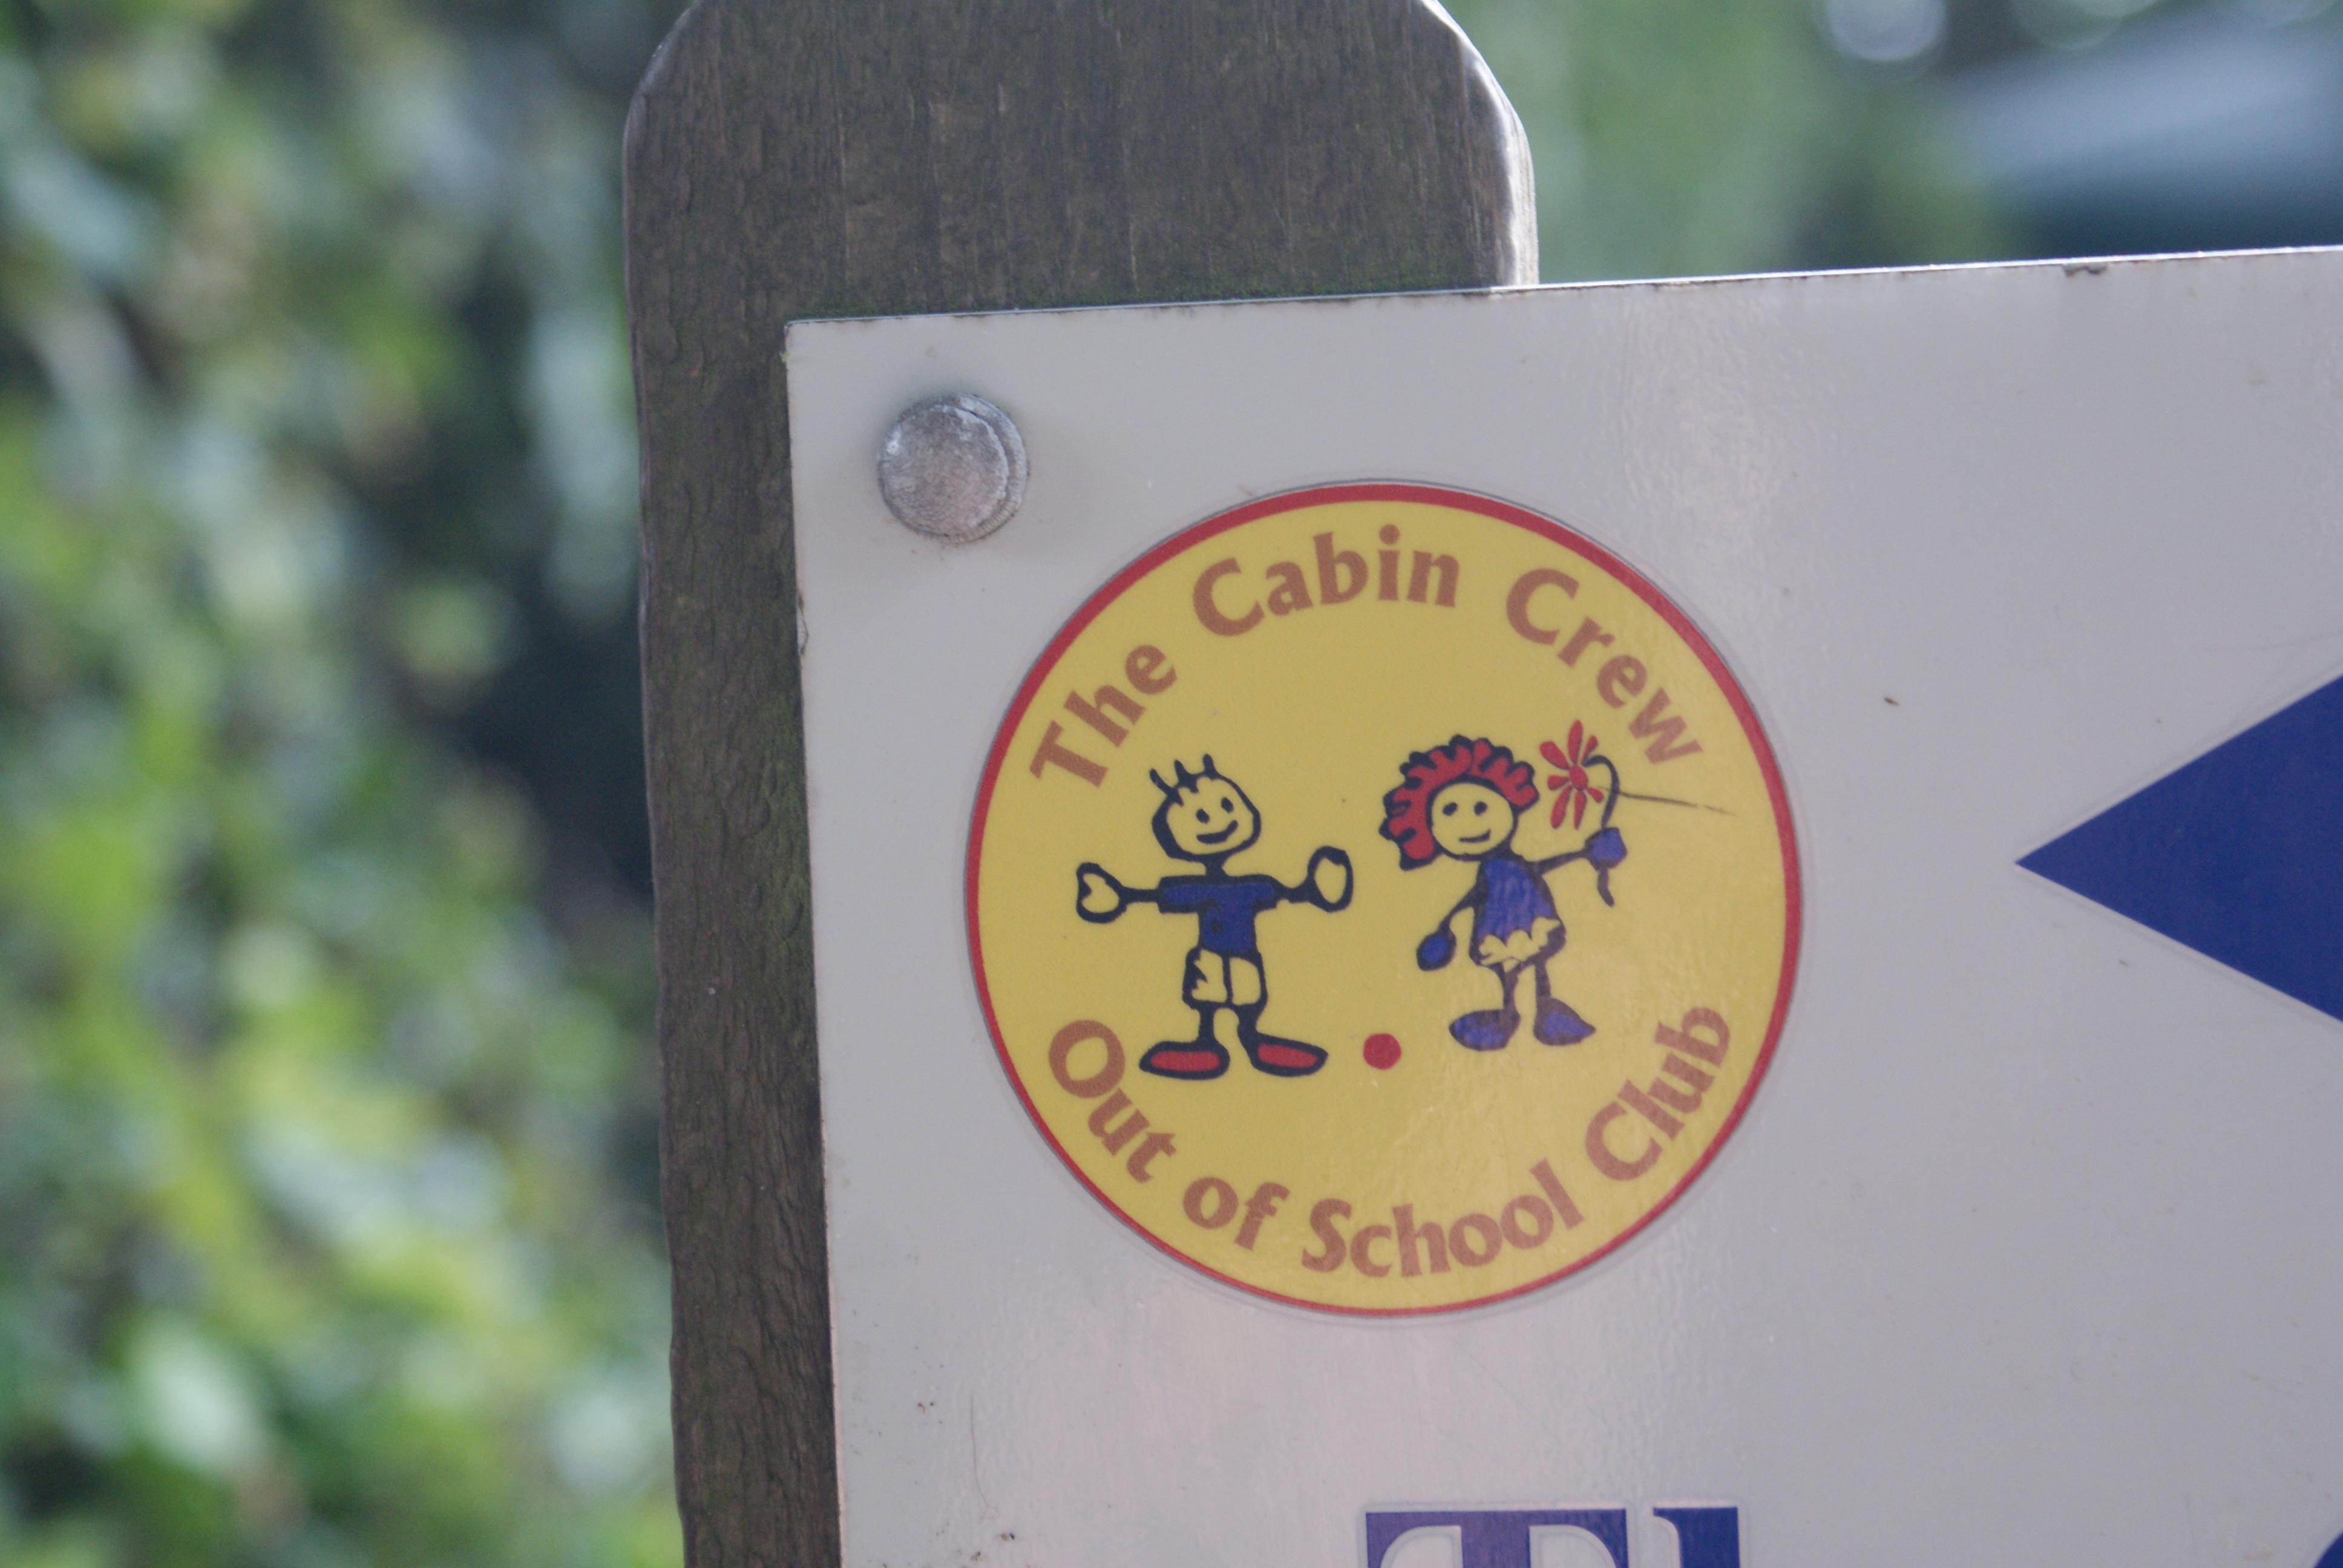 The Cabin Crew